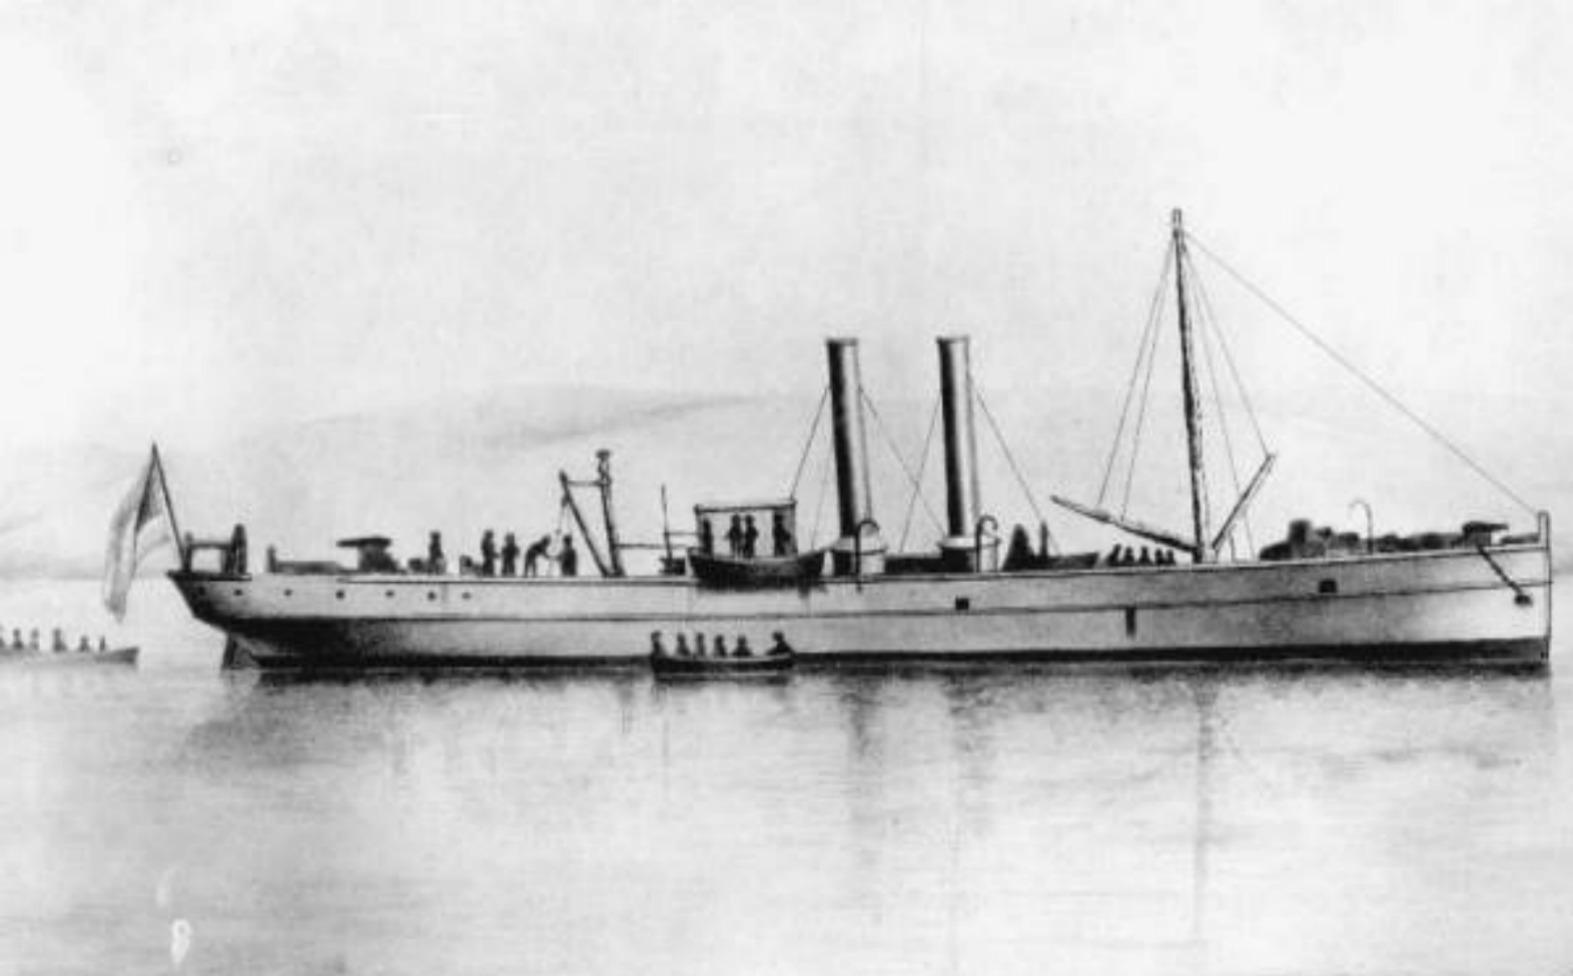 Tallahassee naval ship